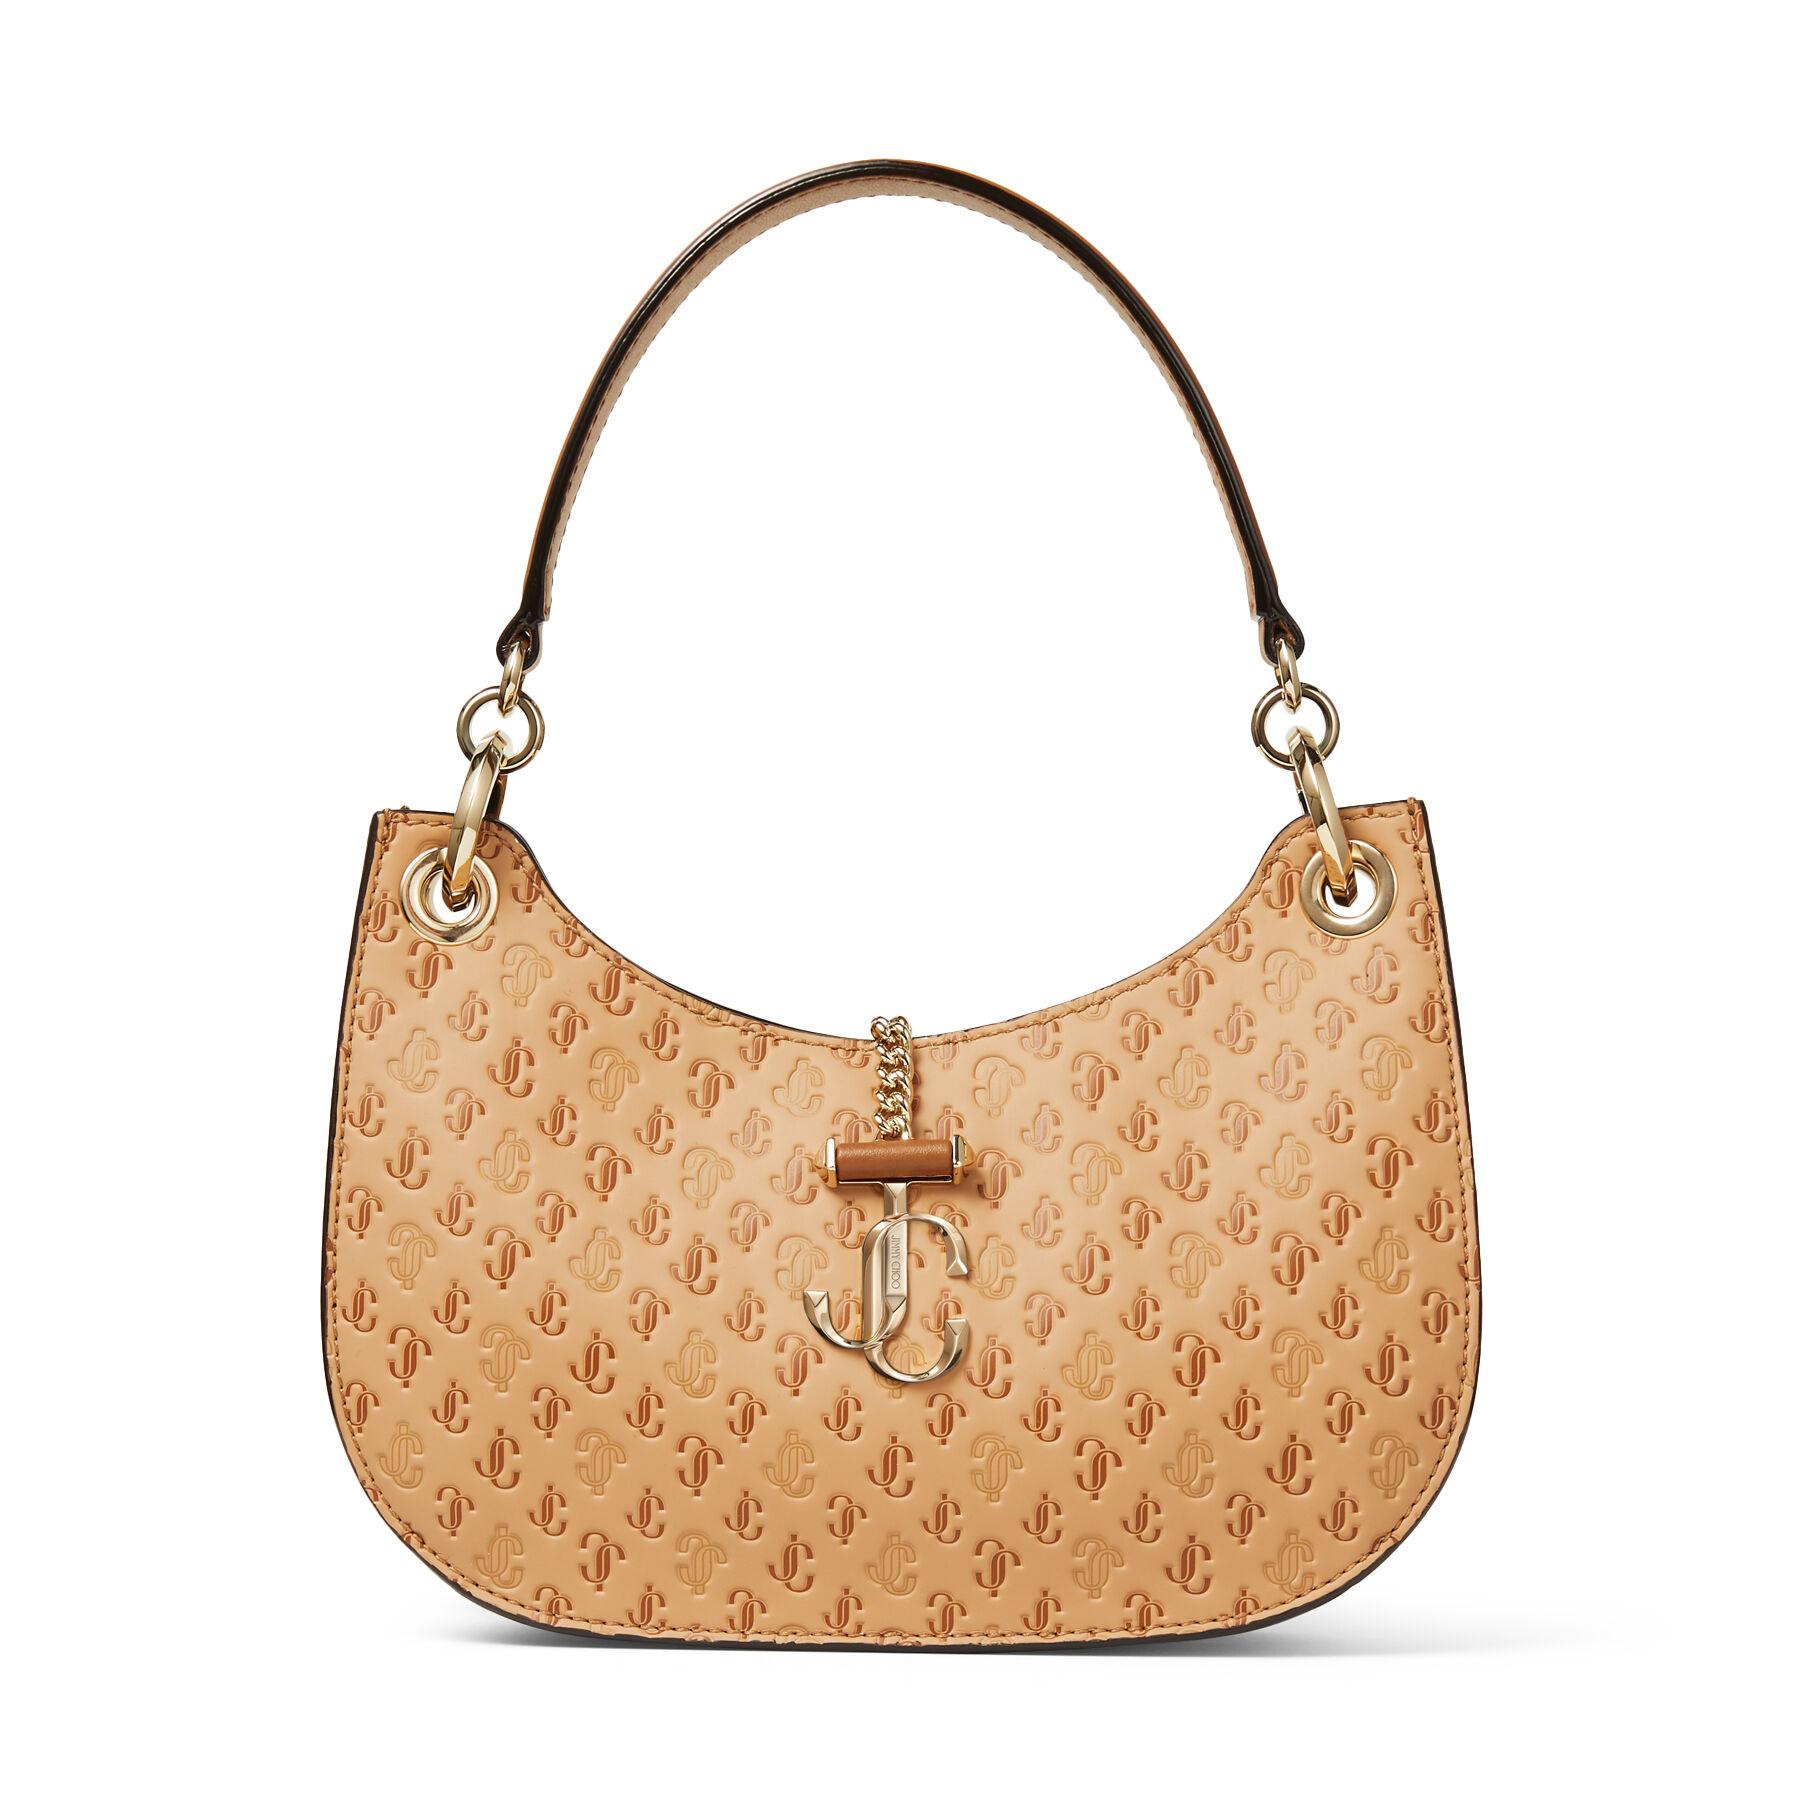 VARENNE HOBO/S - Caramel Calf Leather and JC Logo Pattern Hobo Handbag